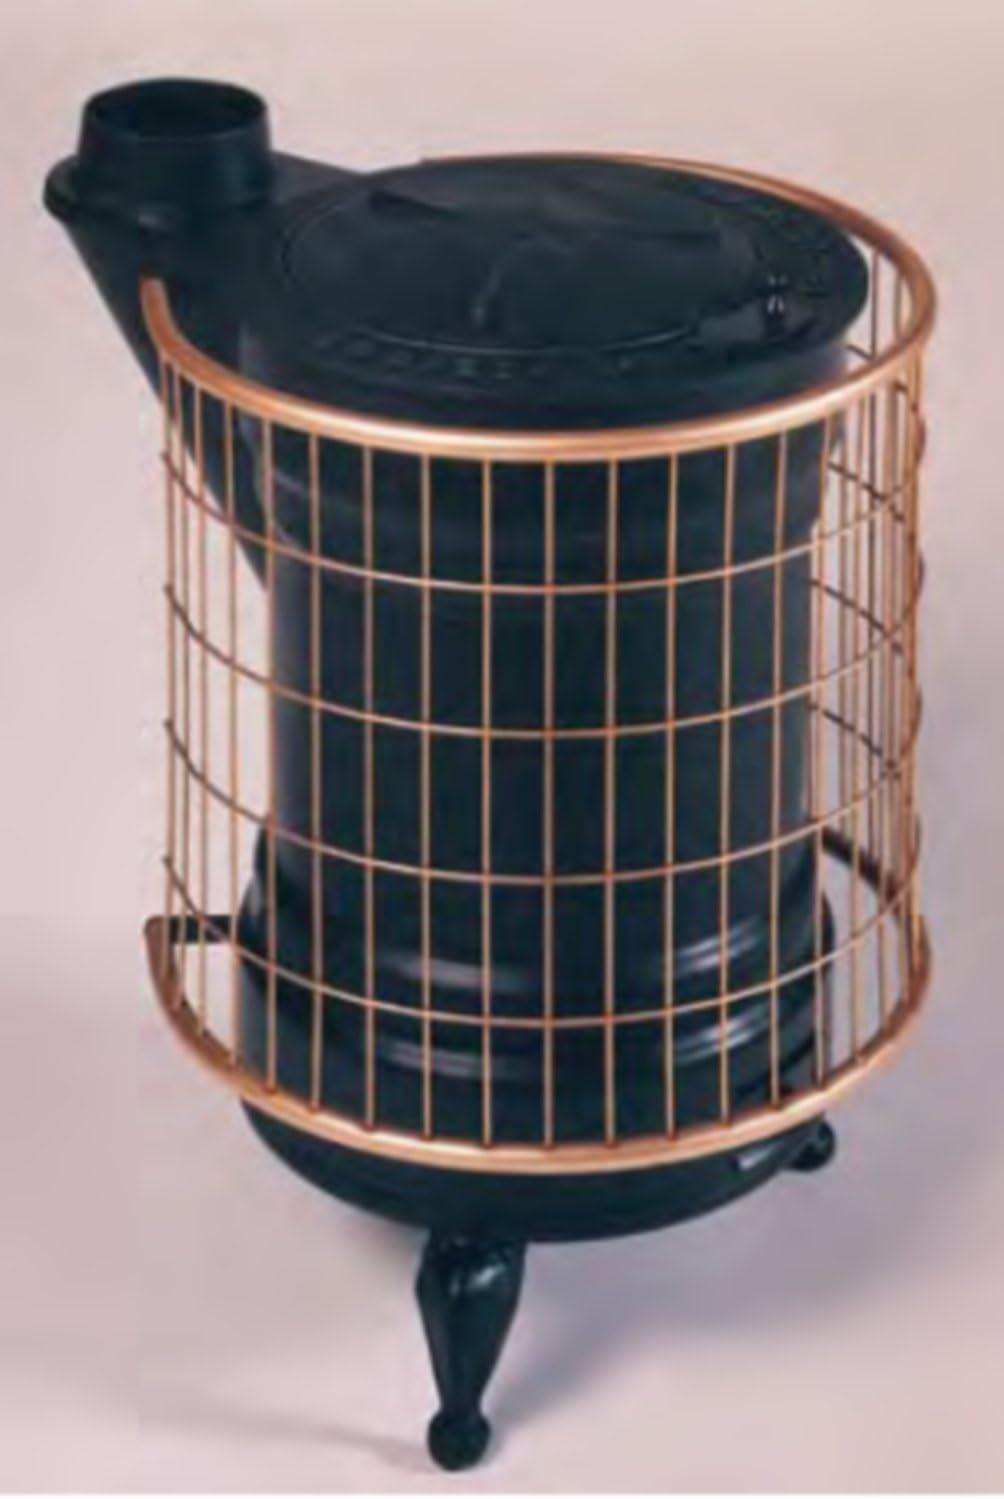 Panadero M288844 - Estufa de leña fundidad negra y oro redonda